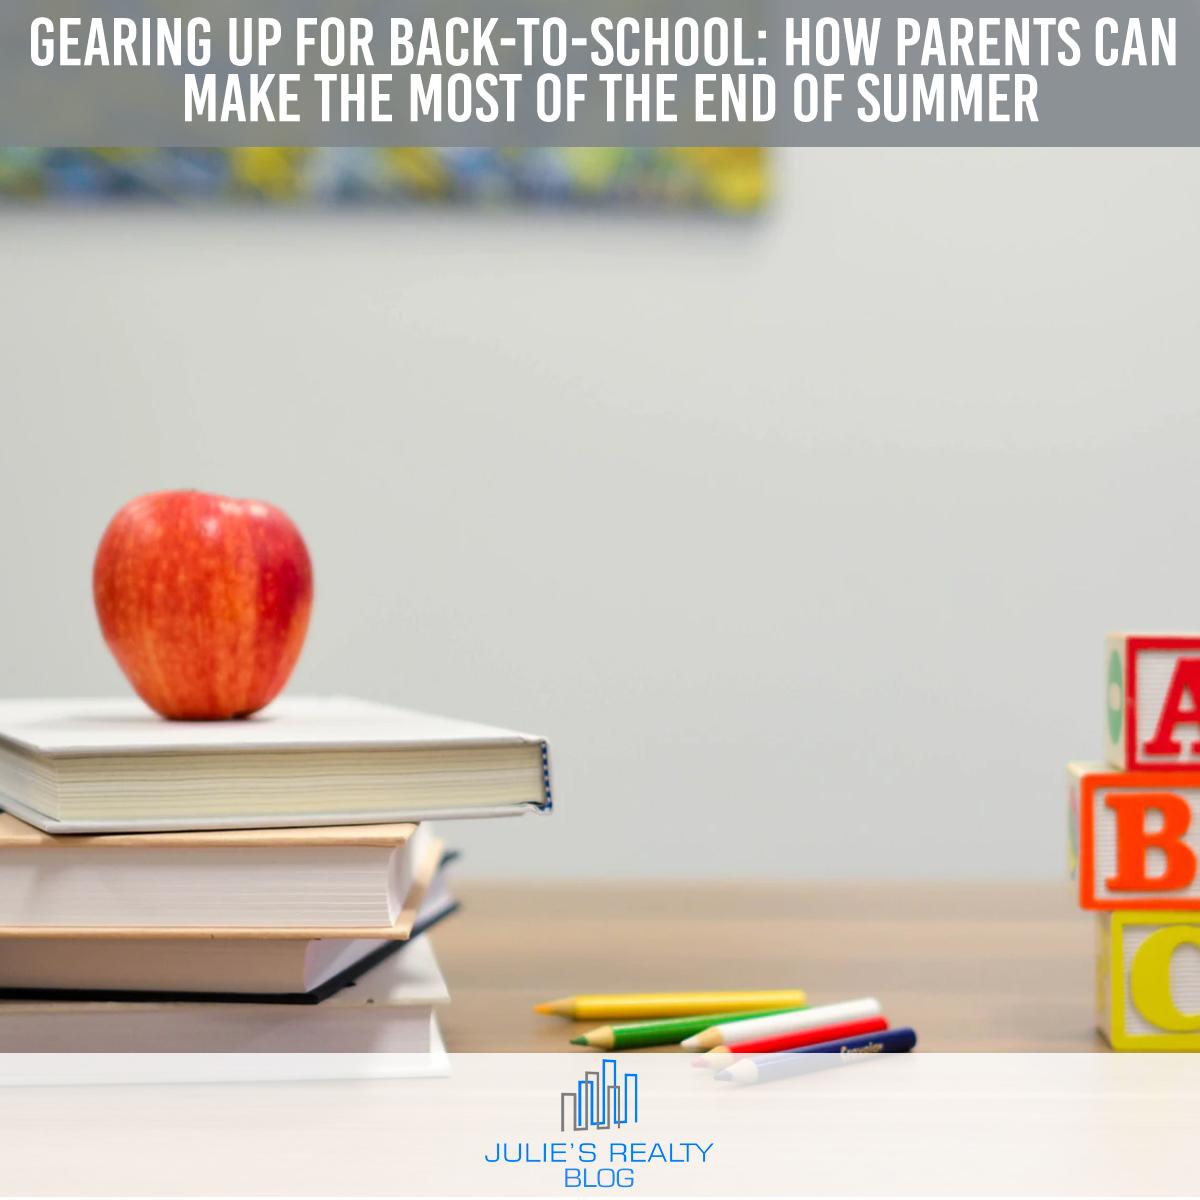 BAck2skool.jpg